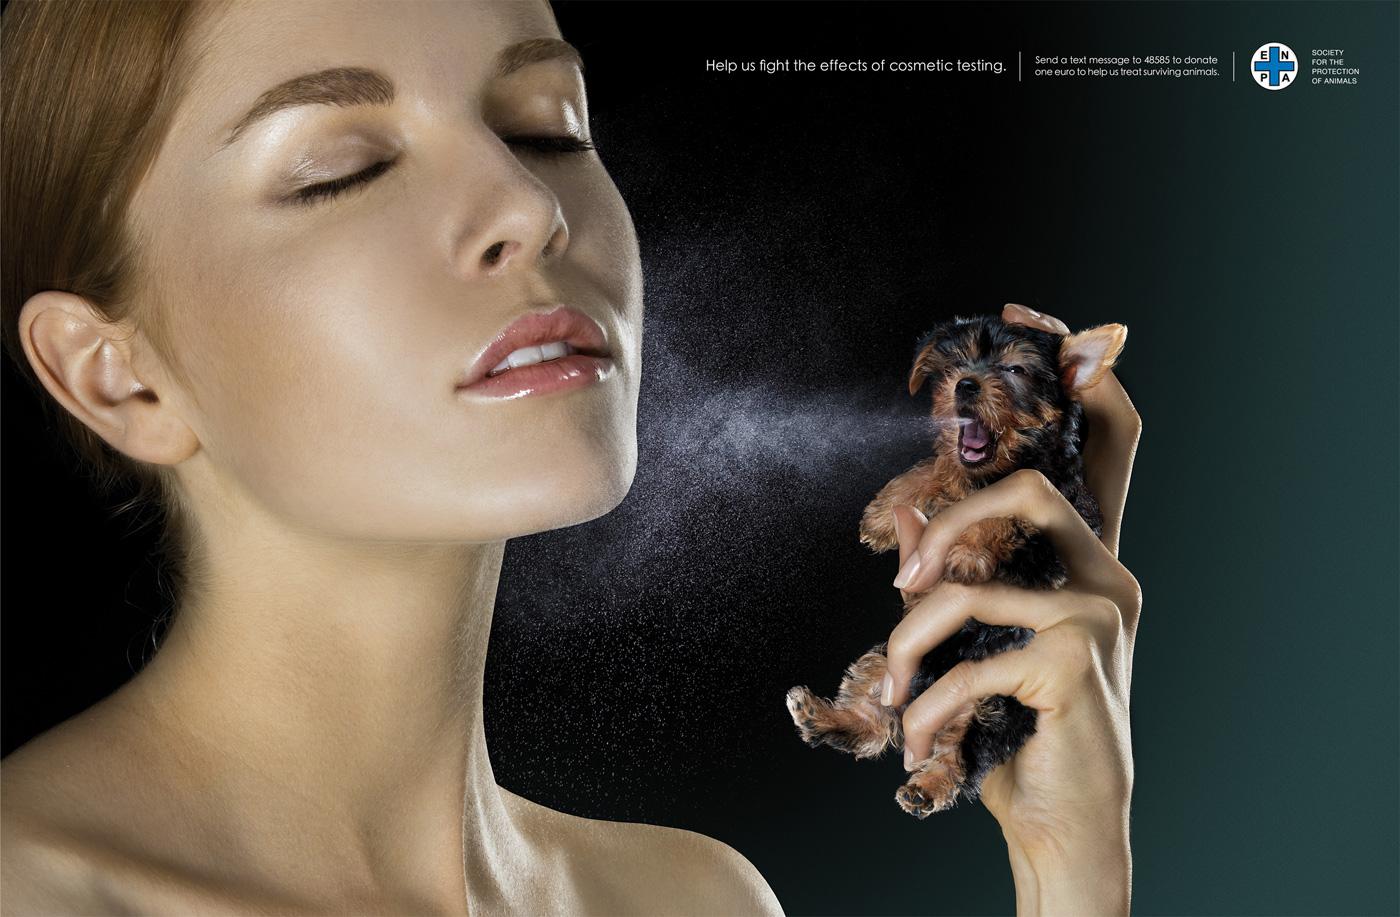 опыты, животные, косметика, тестирование